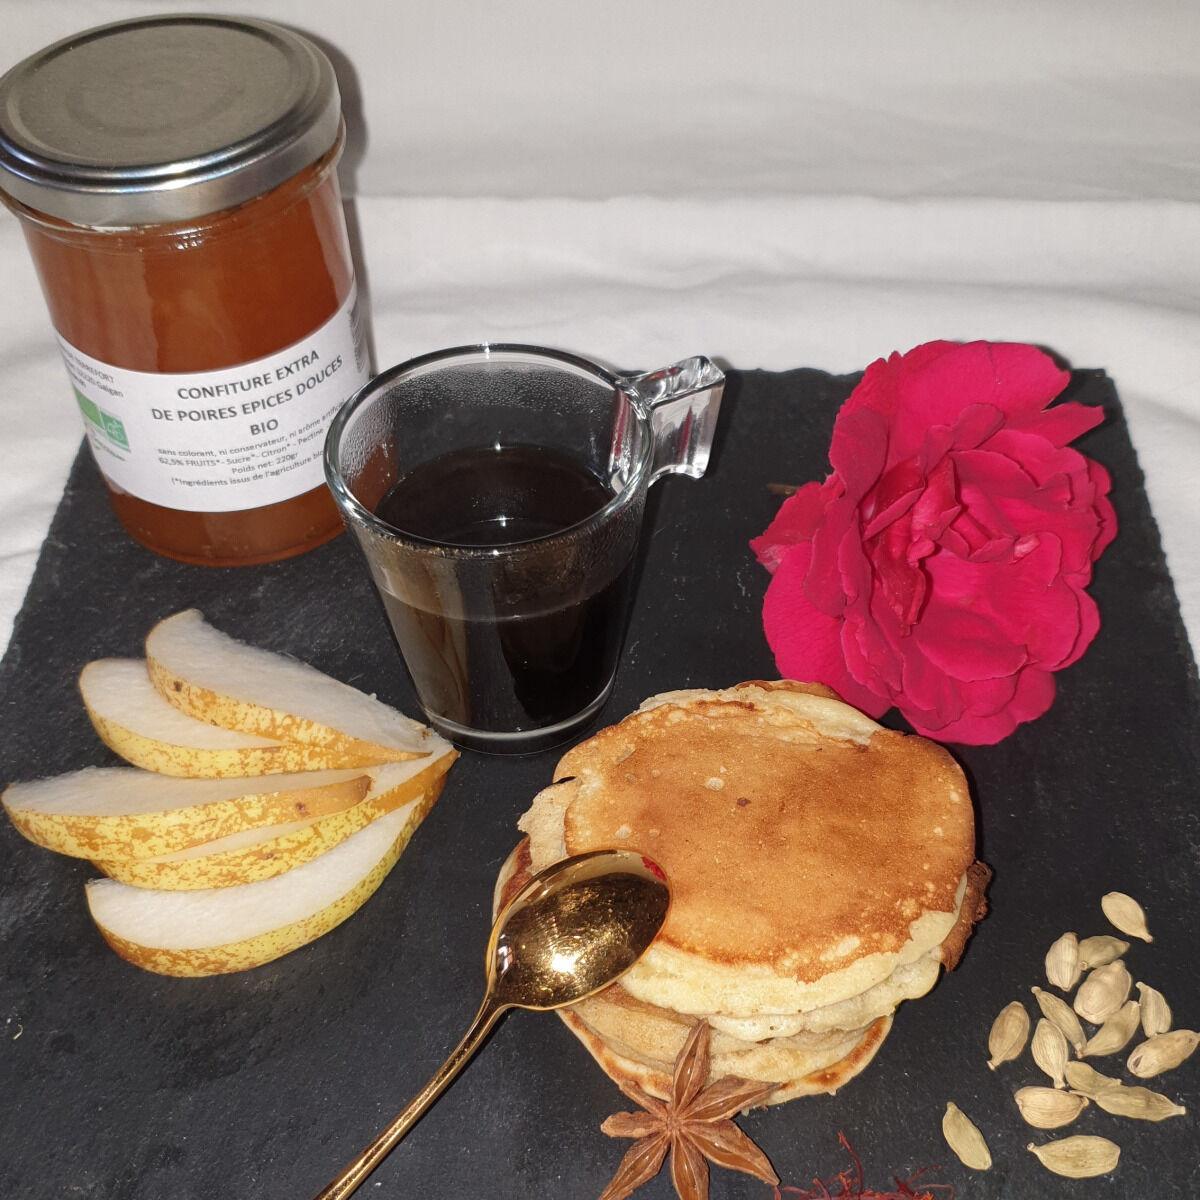 La Ferme du Montet Confiture Extra de poires épices douces BIO - 220 g